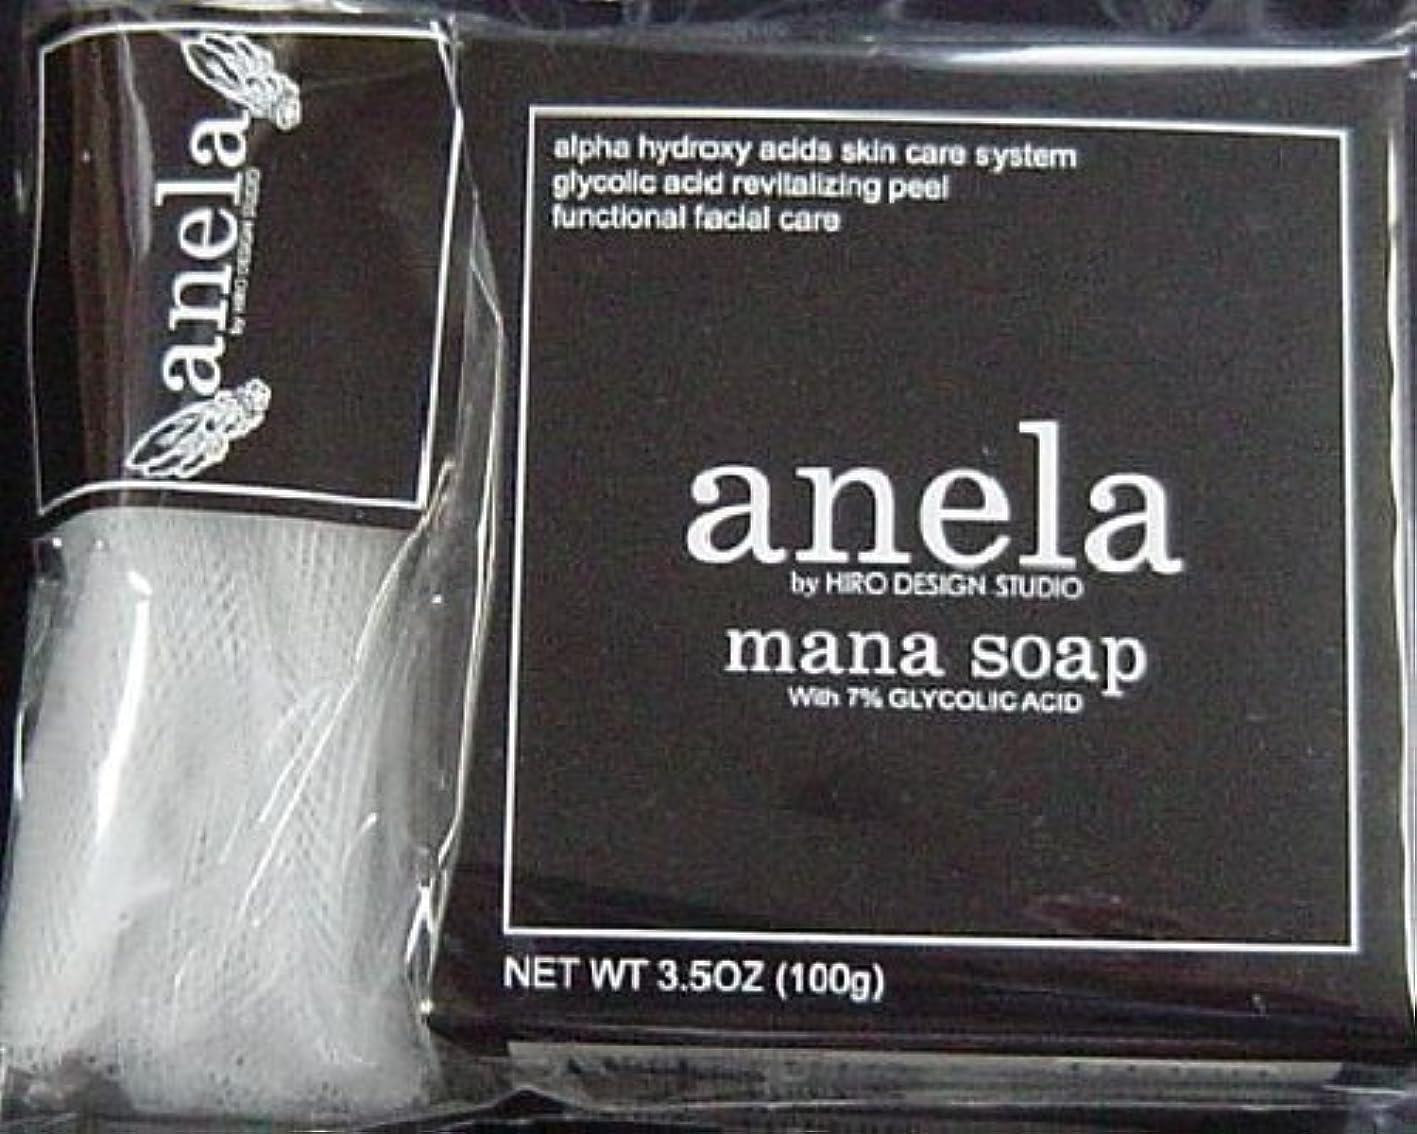 武装解除アスリートブラウザanela アネラ マナソープ(泡立てネット付き) 100g ×3個セット